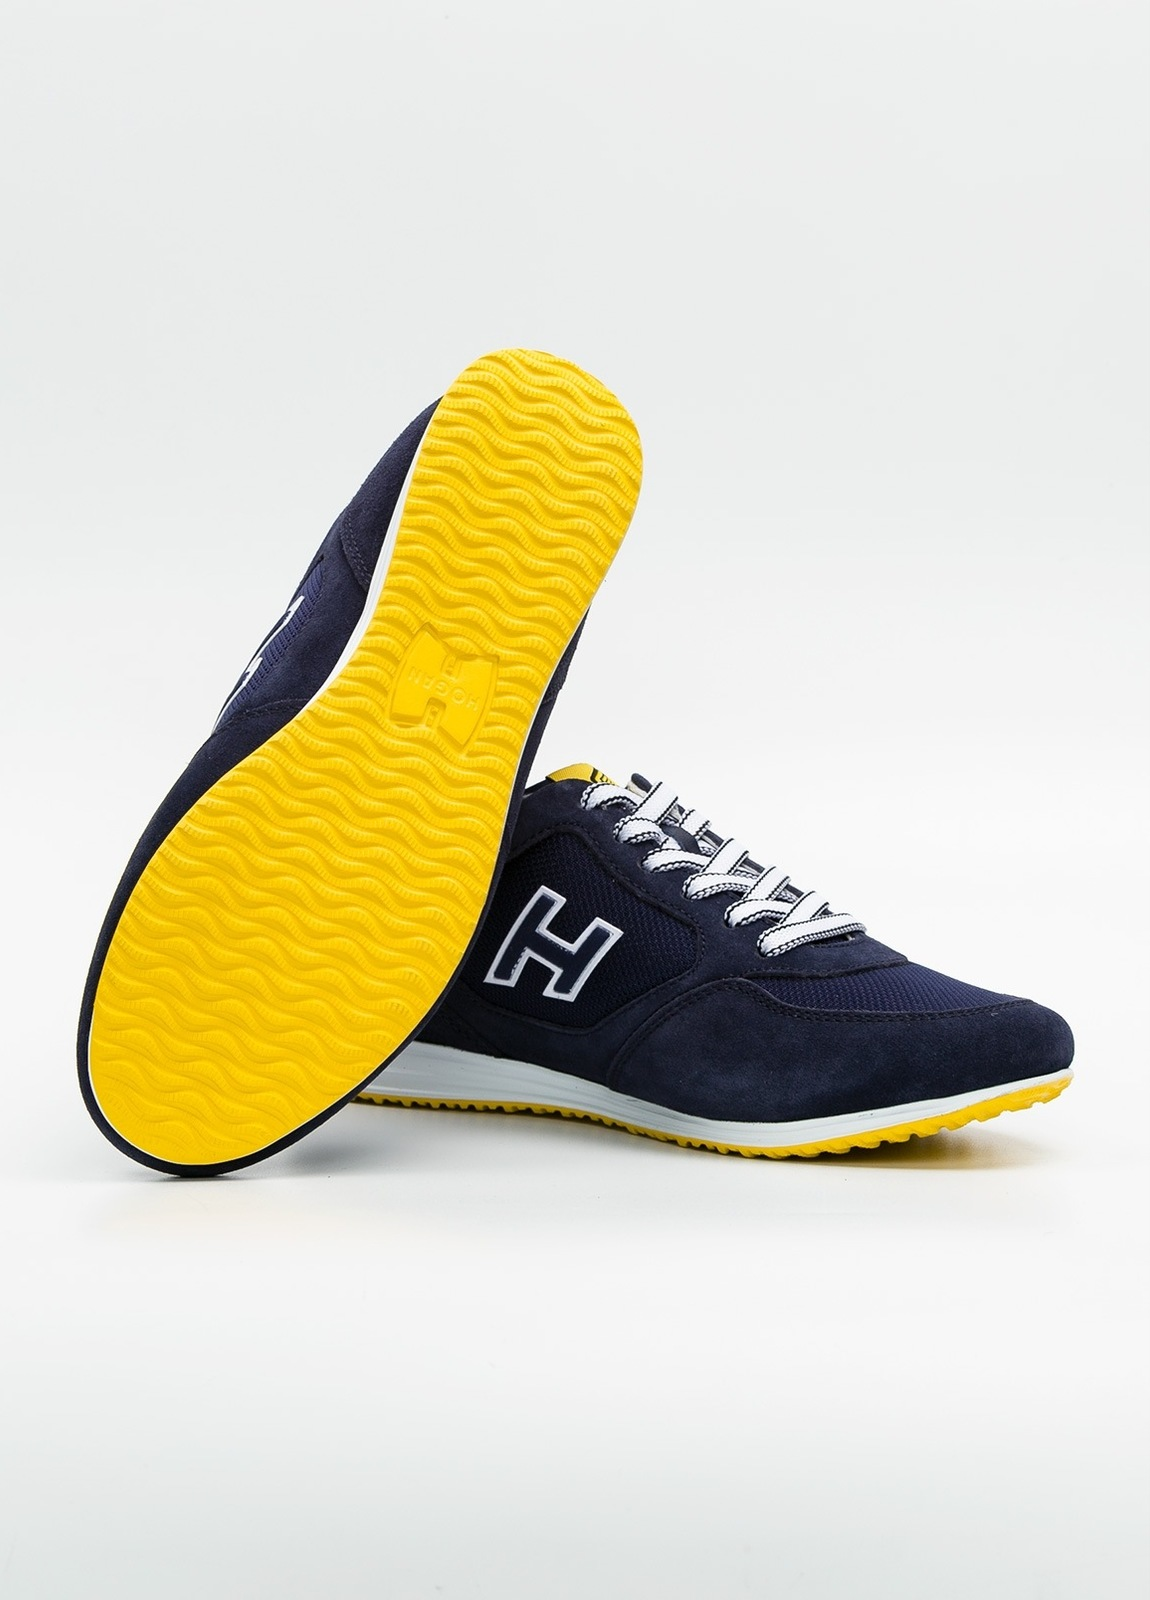 Calzado sport OLYMPIA color marino, combinación de serraje, loneta y apliques en piel. - Ítem3